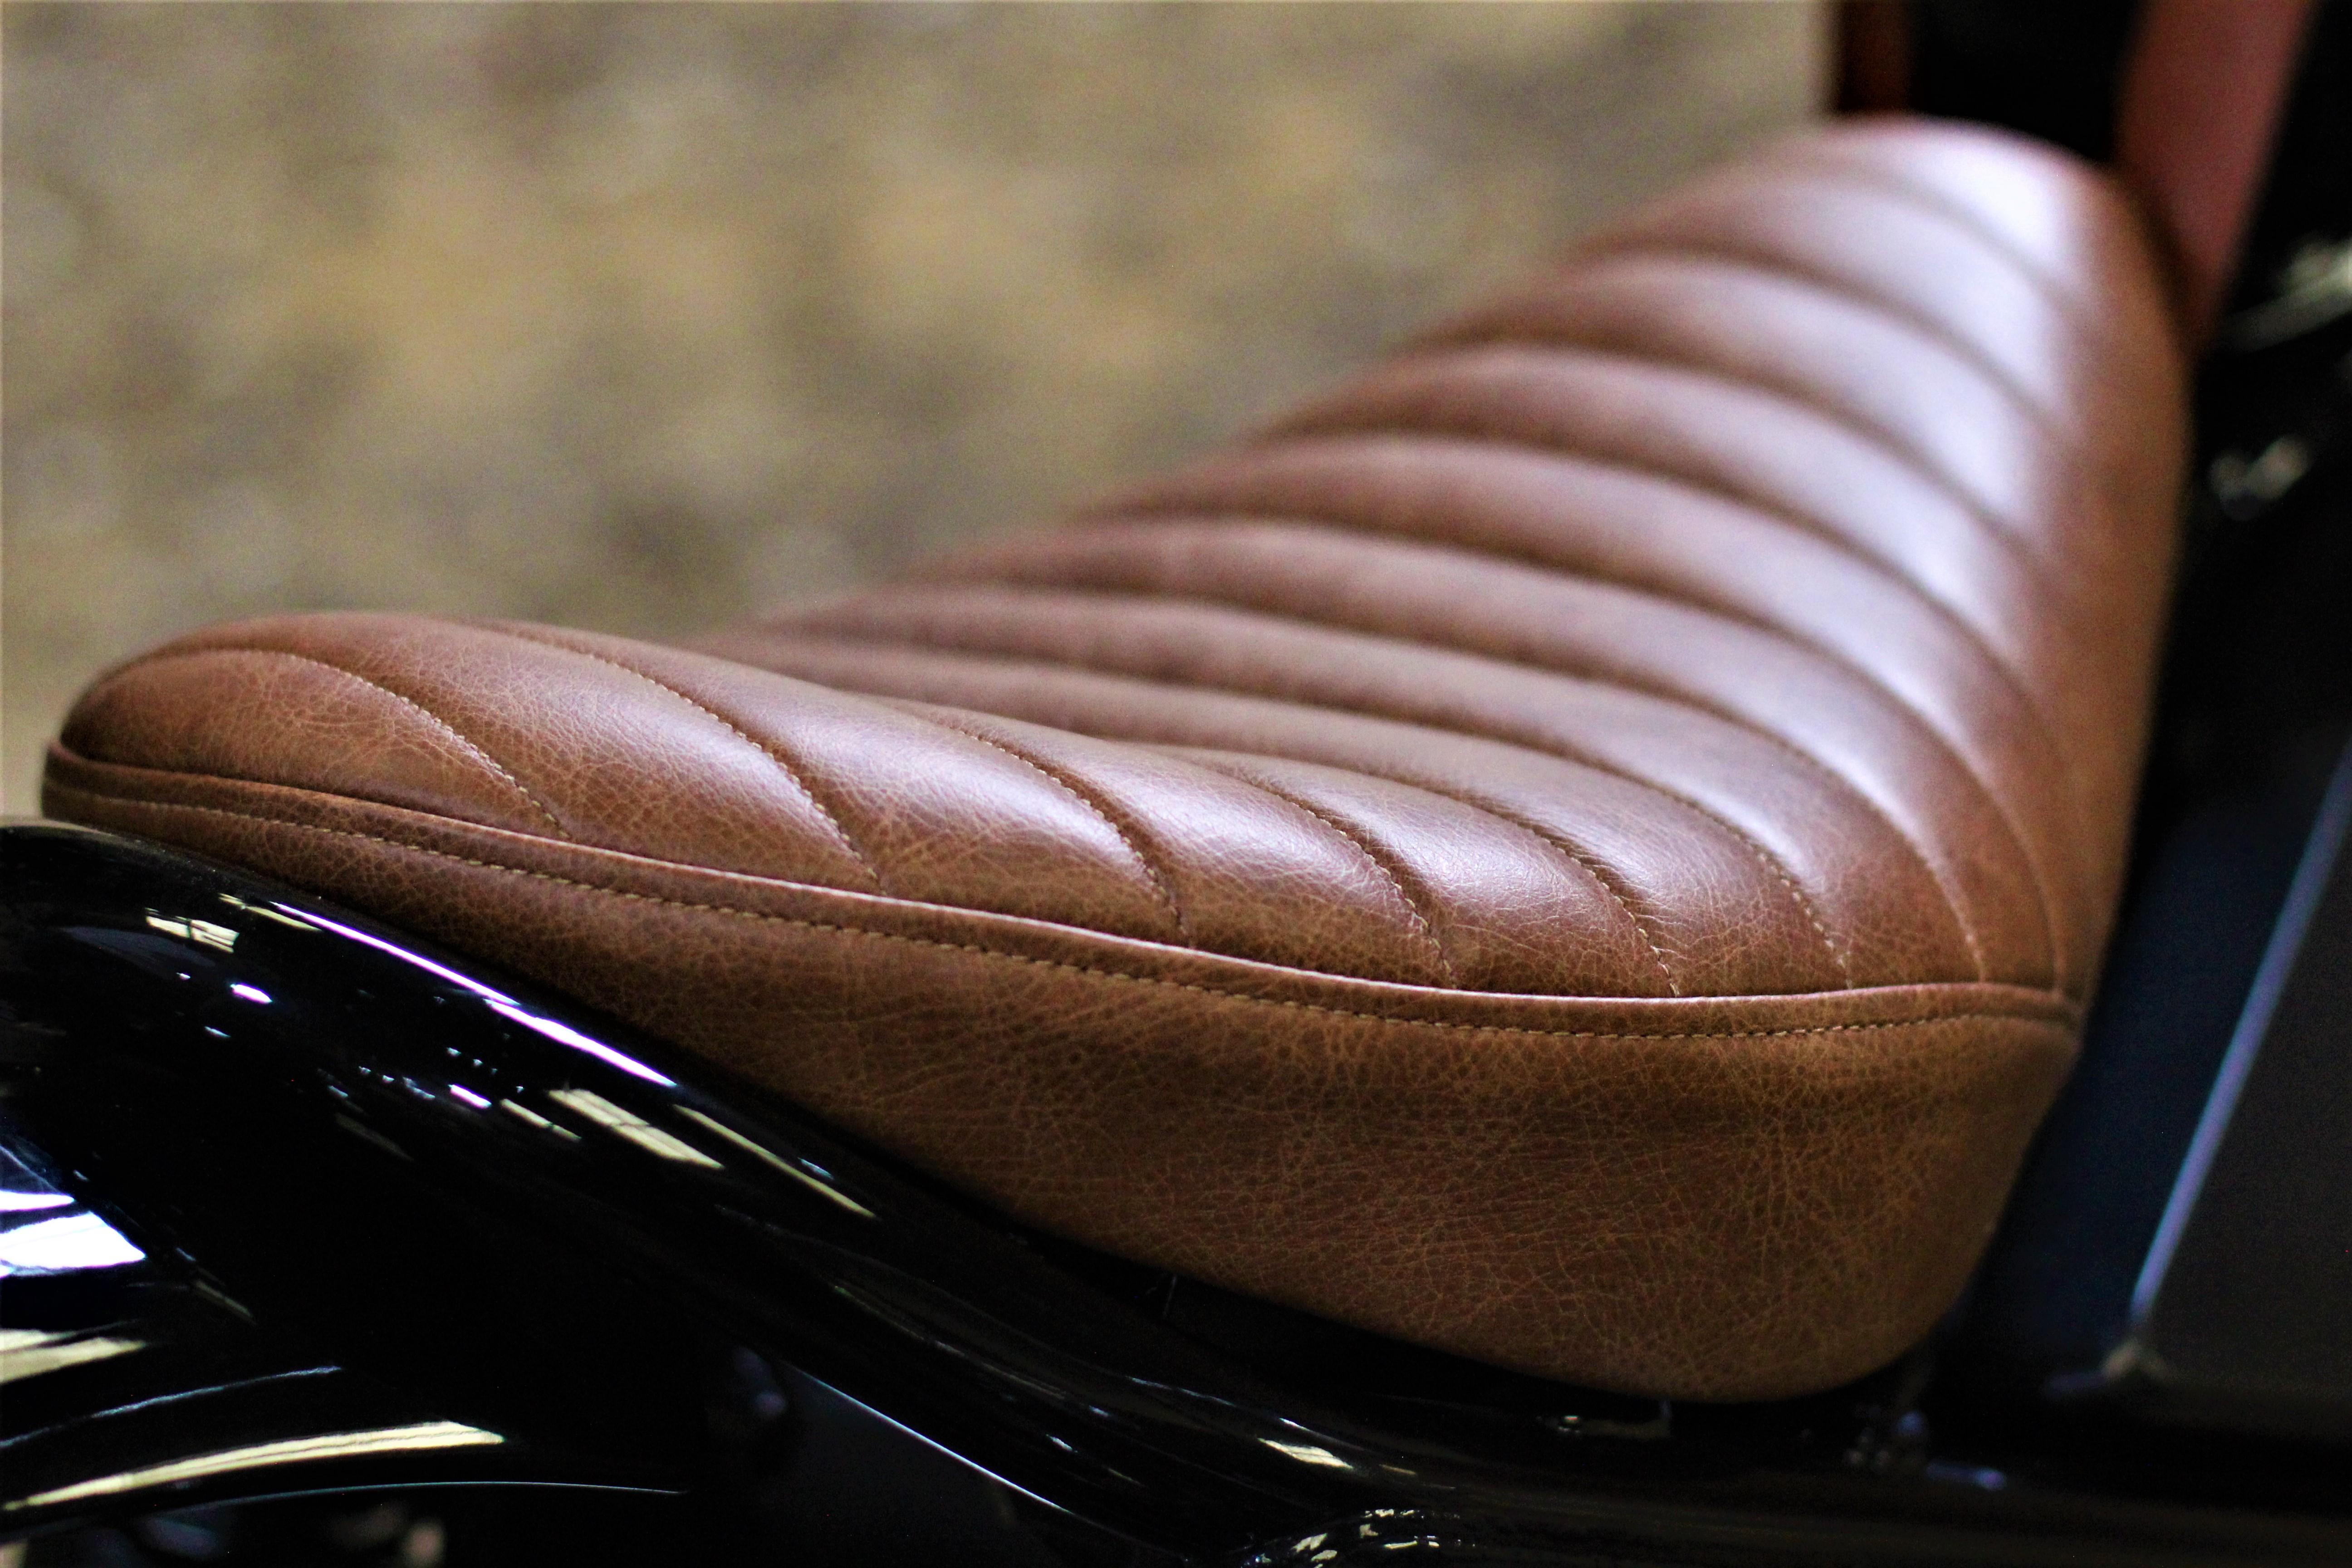 Honda CMX 500 seat